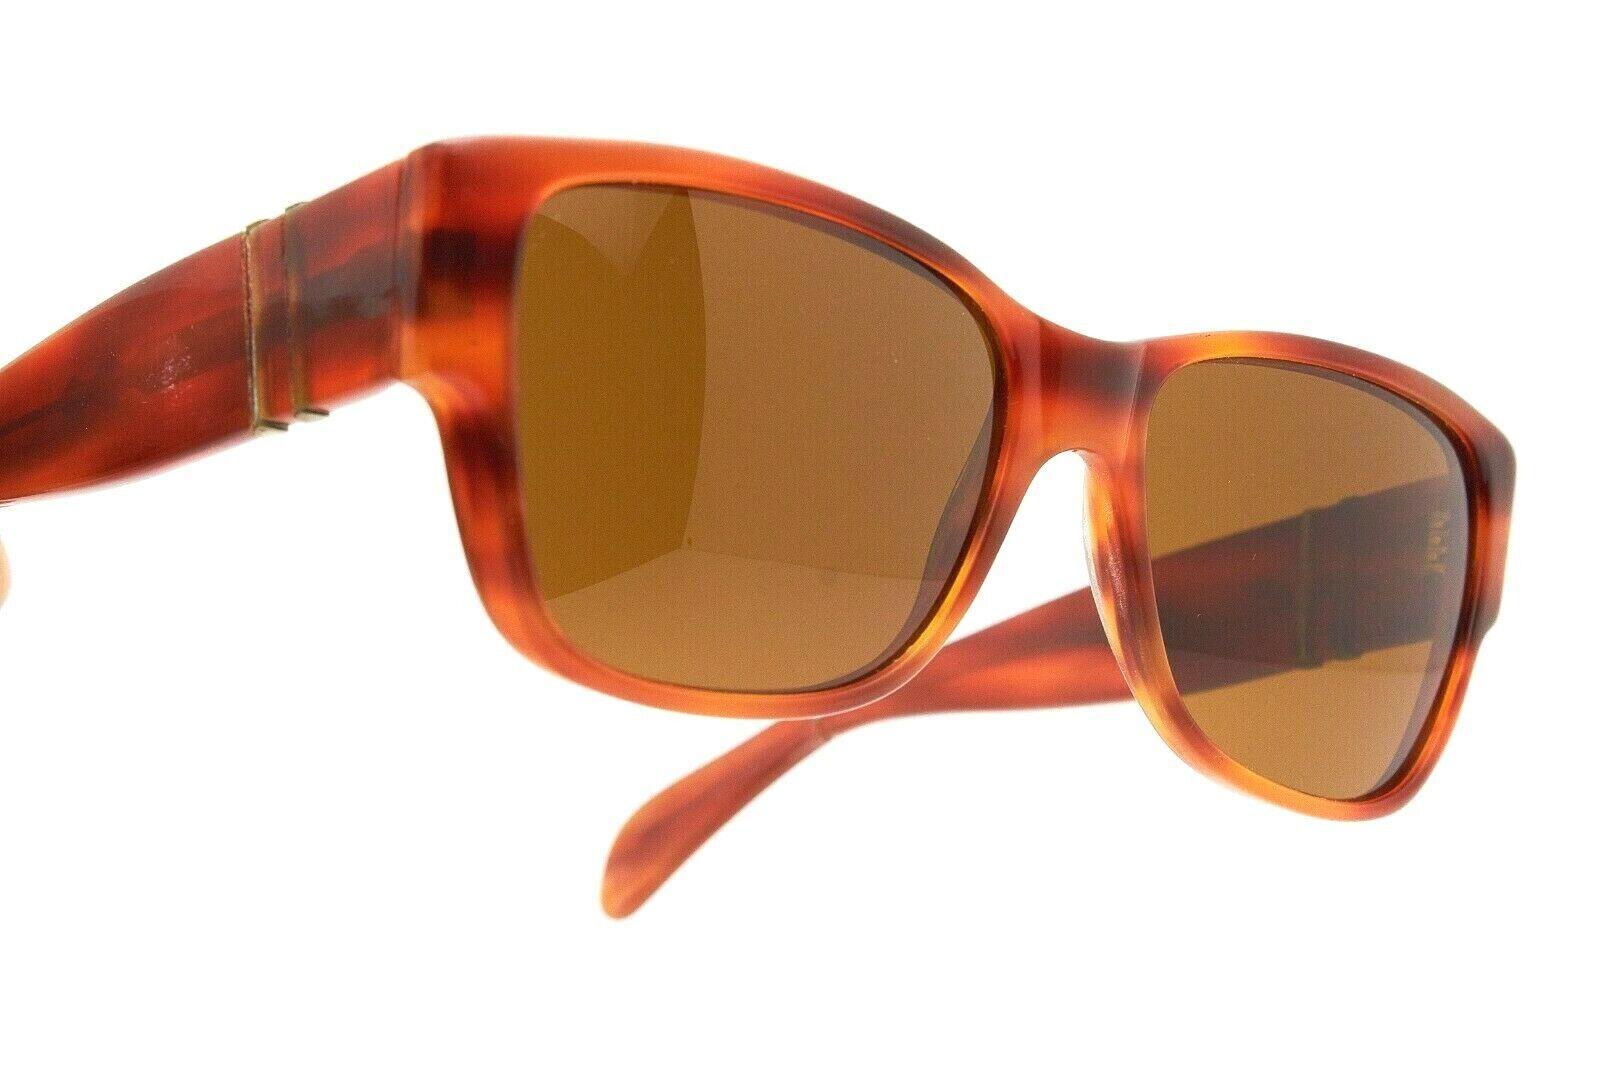 PERSOL 69218 Ratti Sunglasses Miami Vice Don Johnson Vintage Pilot Aviator